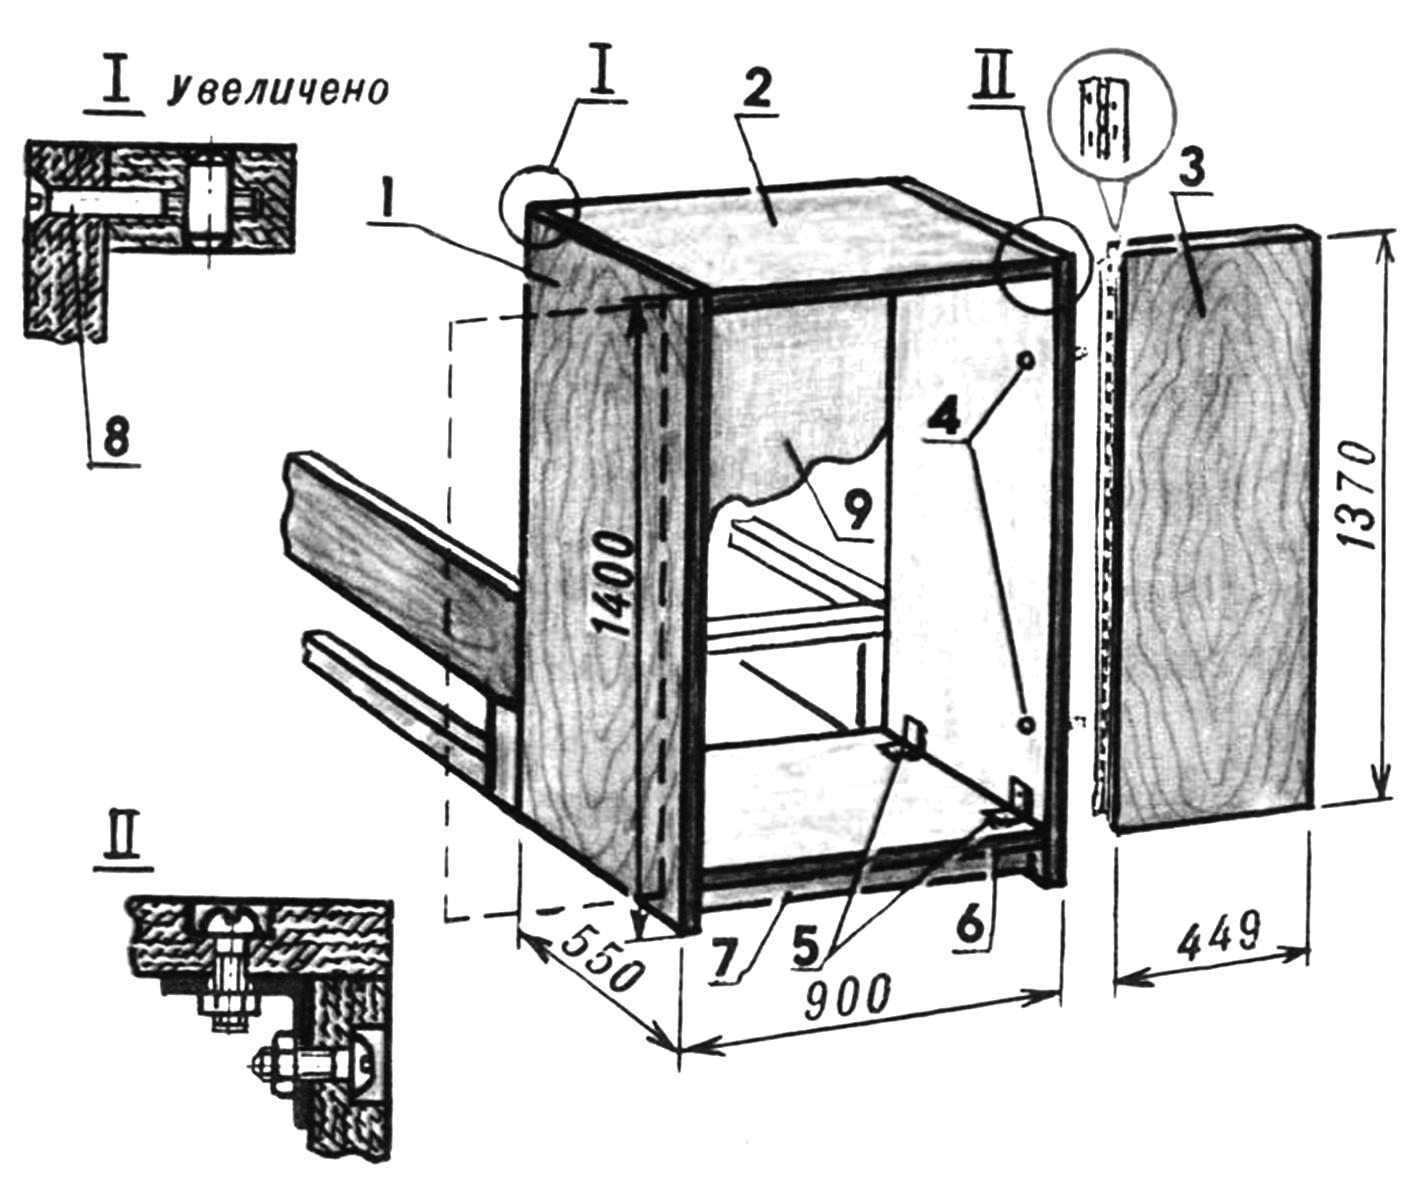 Гардероб: 1 — боковина (1400х550х 19); 2 — крышка; 3 — дверка (2 шт.); 4 — шурупы крепления к стене; 5 — уголки мебельные (8 шт.); 6 — днище; 7 — опора днища (брусок, 2 шт.); 8 — болт мебельный (8 шт.); 9 — стенка задняя (оргалит).